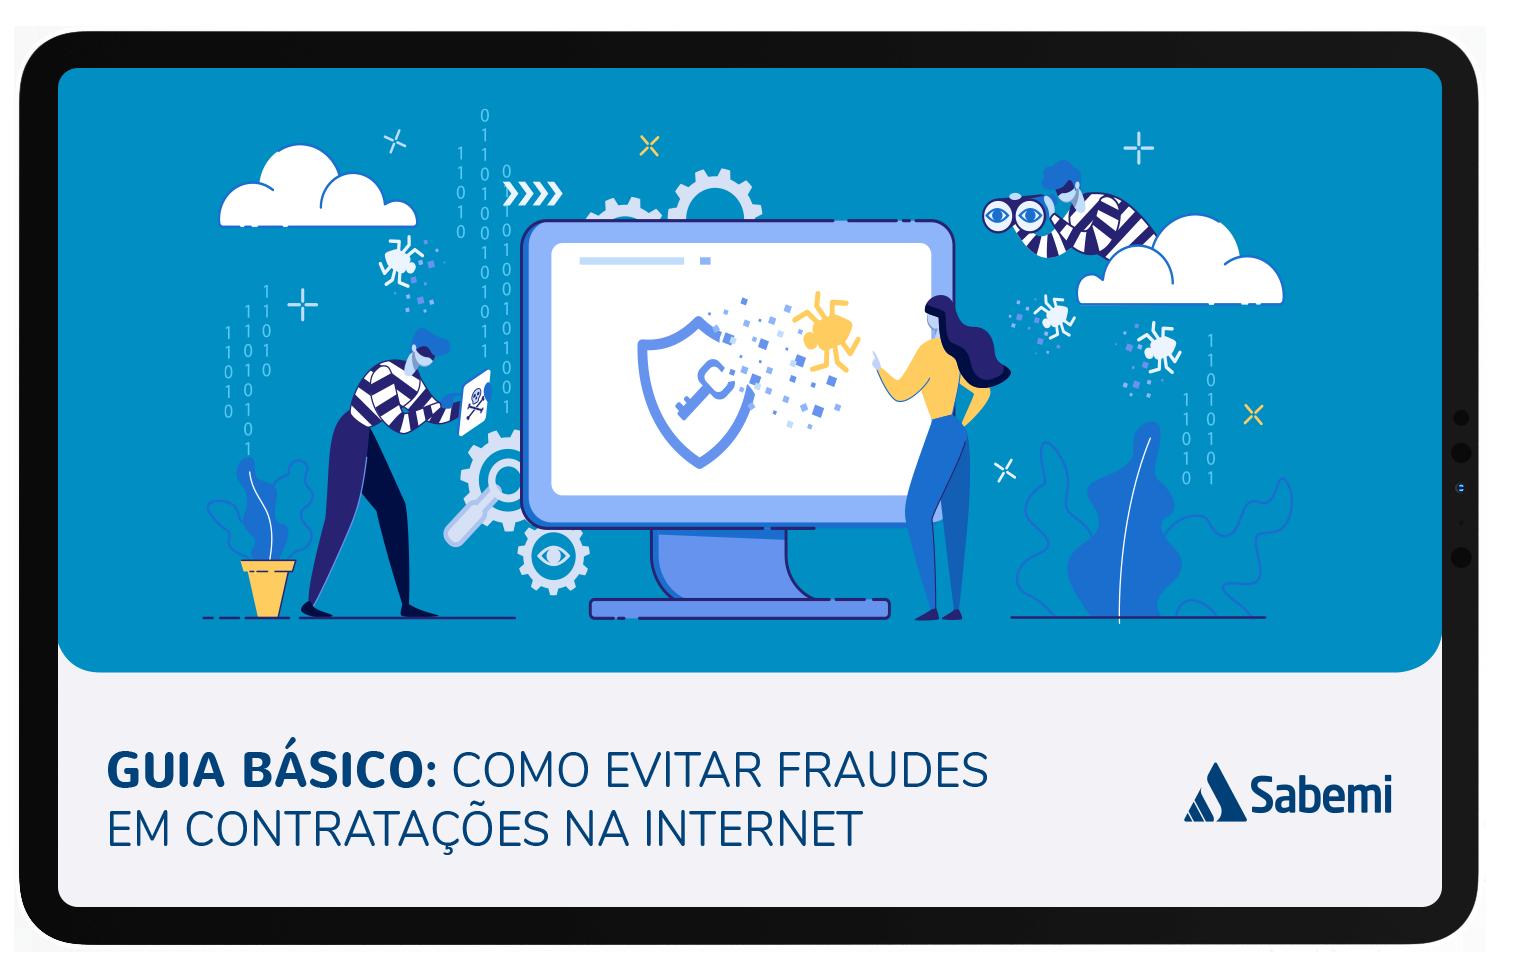 Guia básico: como evitar fraudes em contratações na internet